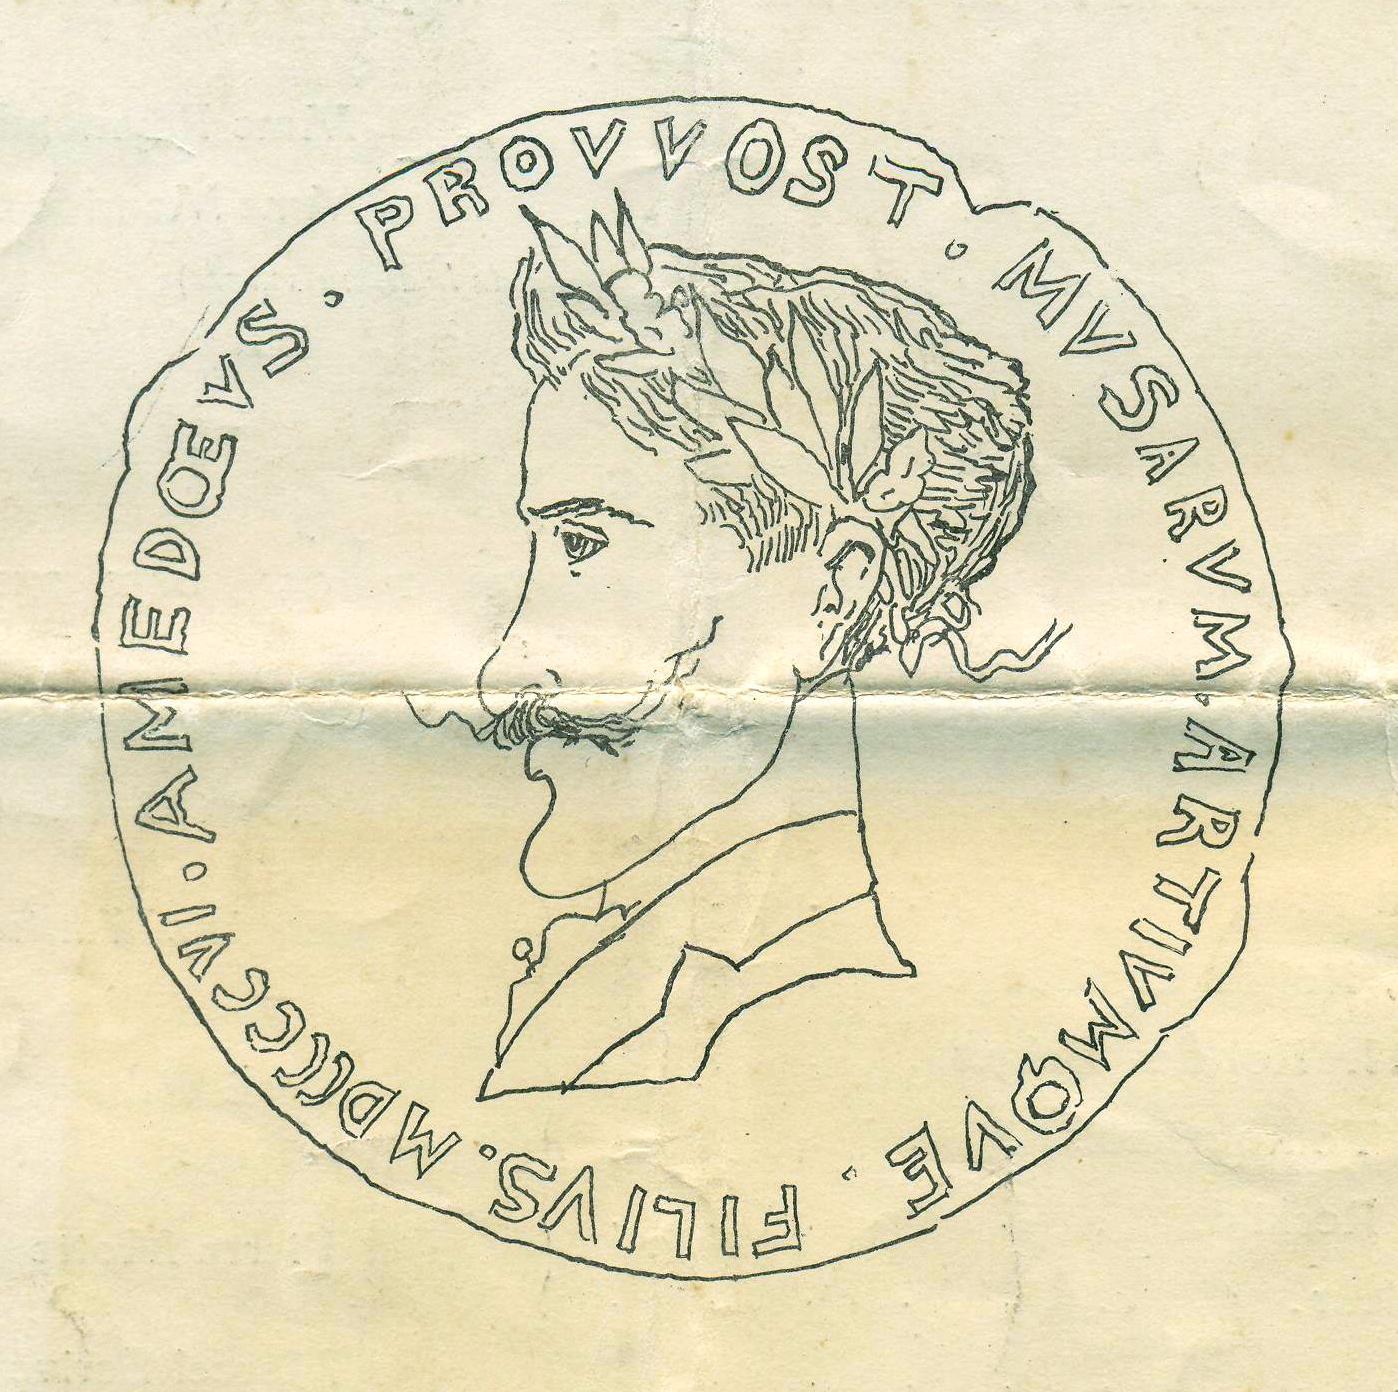 """theatre-31-12-1906-Association """"Le Paris du Nord""""  協會 """"北部巴黎-Thierry-Prouvost-蒂埃里•普罗沃"""